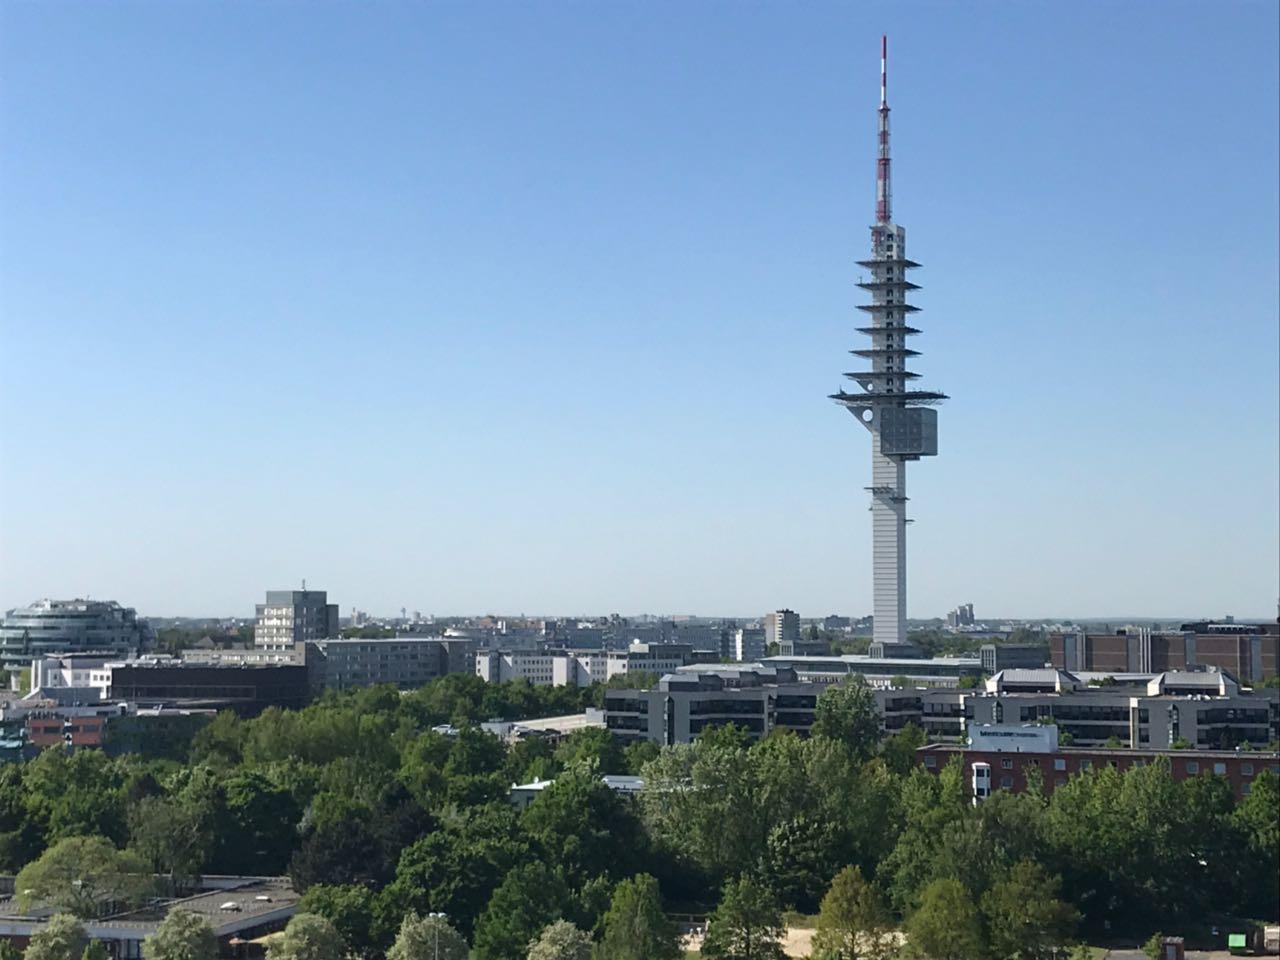 Detektiv SYSTEM Detektei ® ist Auftragnehmer für Hannover